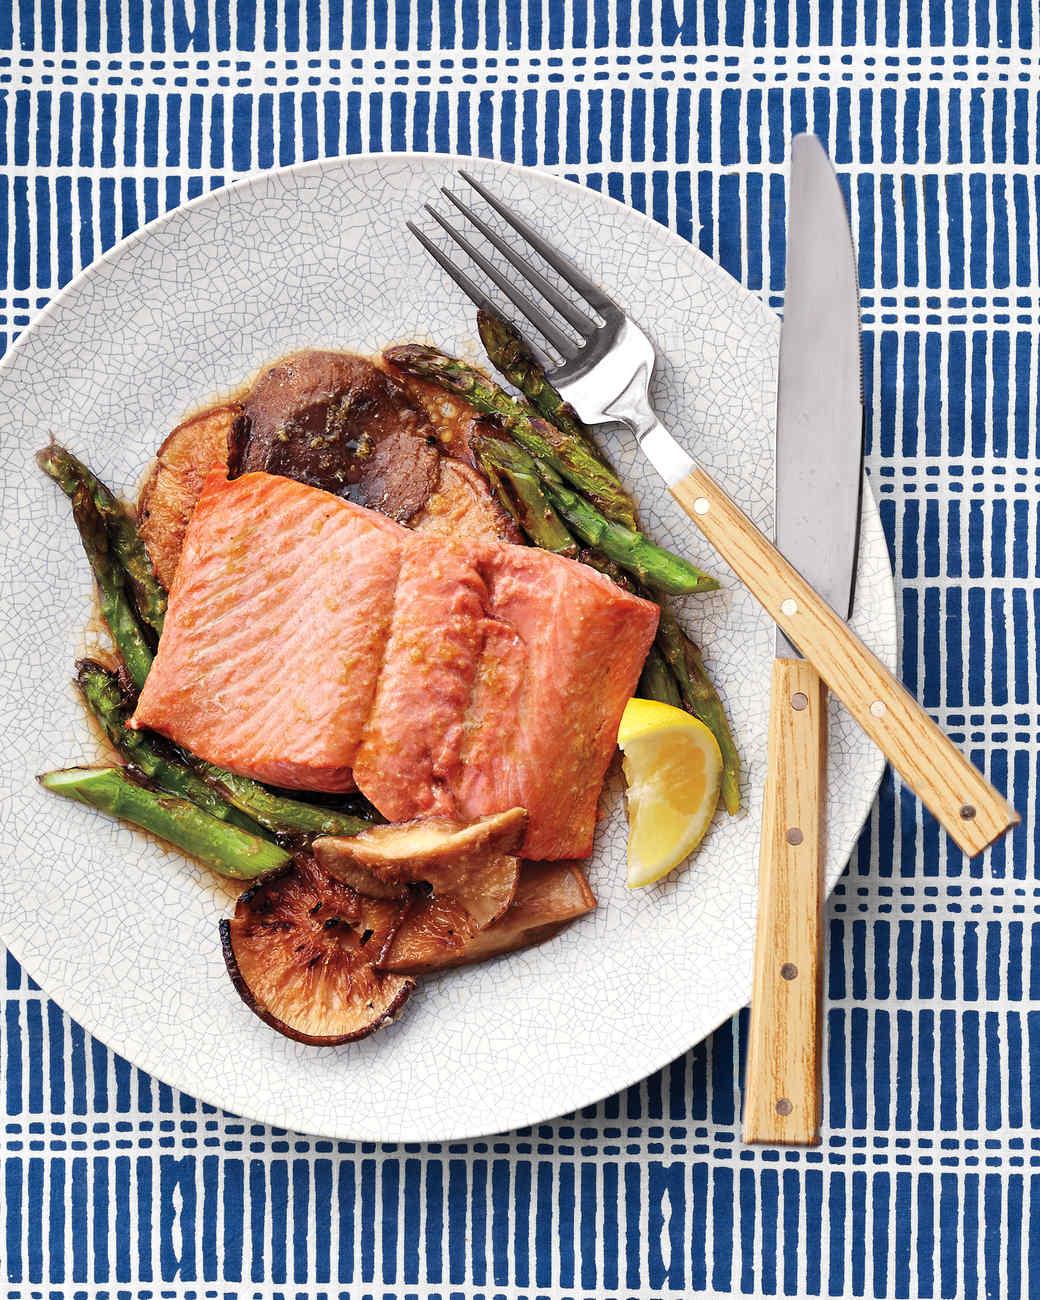 salmon-asparagus-plated-138-exp2-d111921.jpg